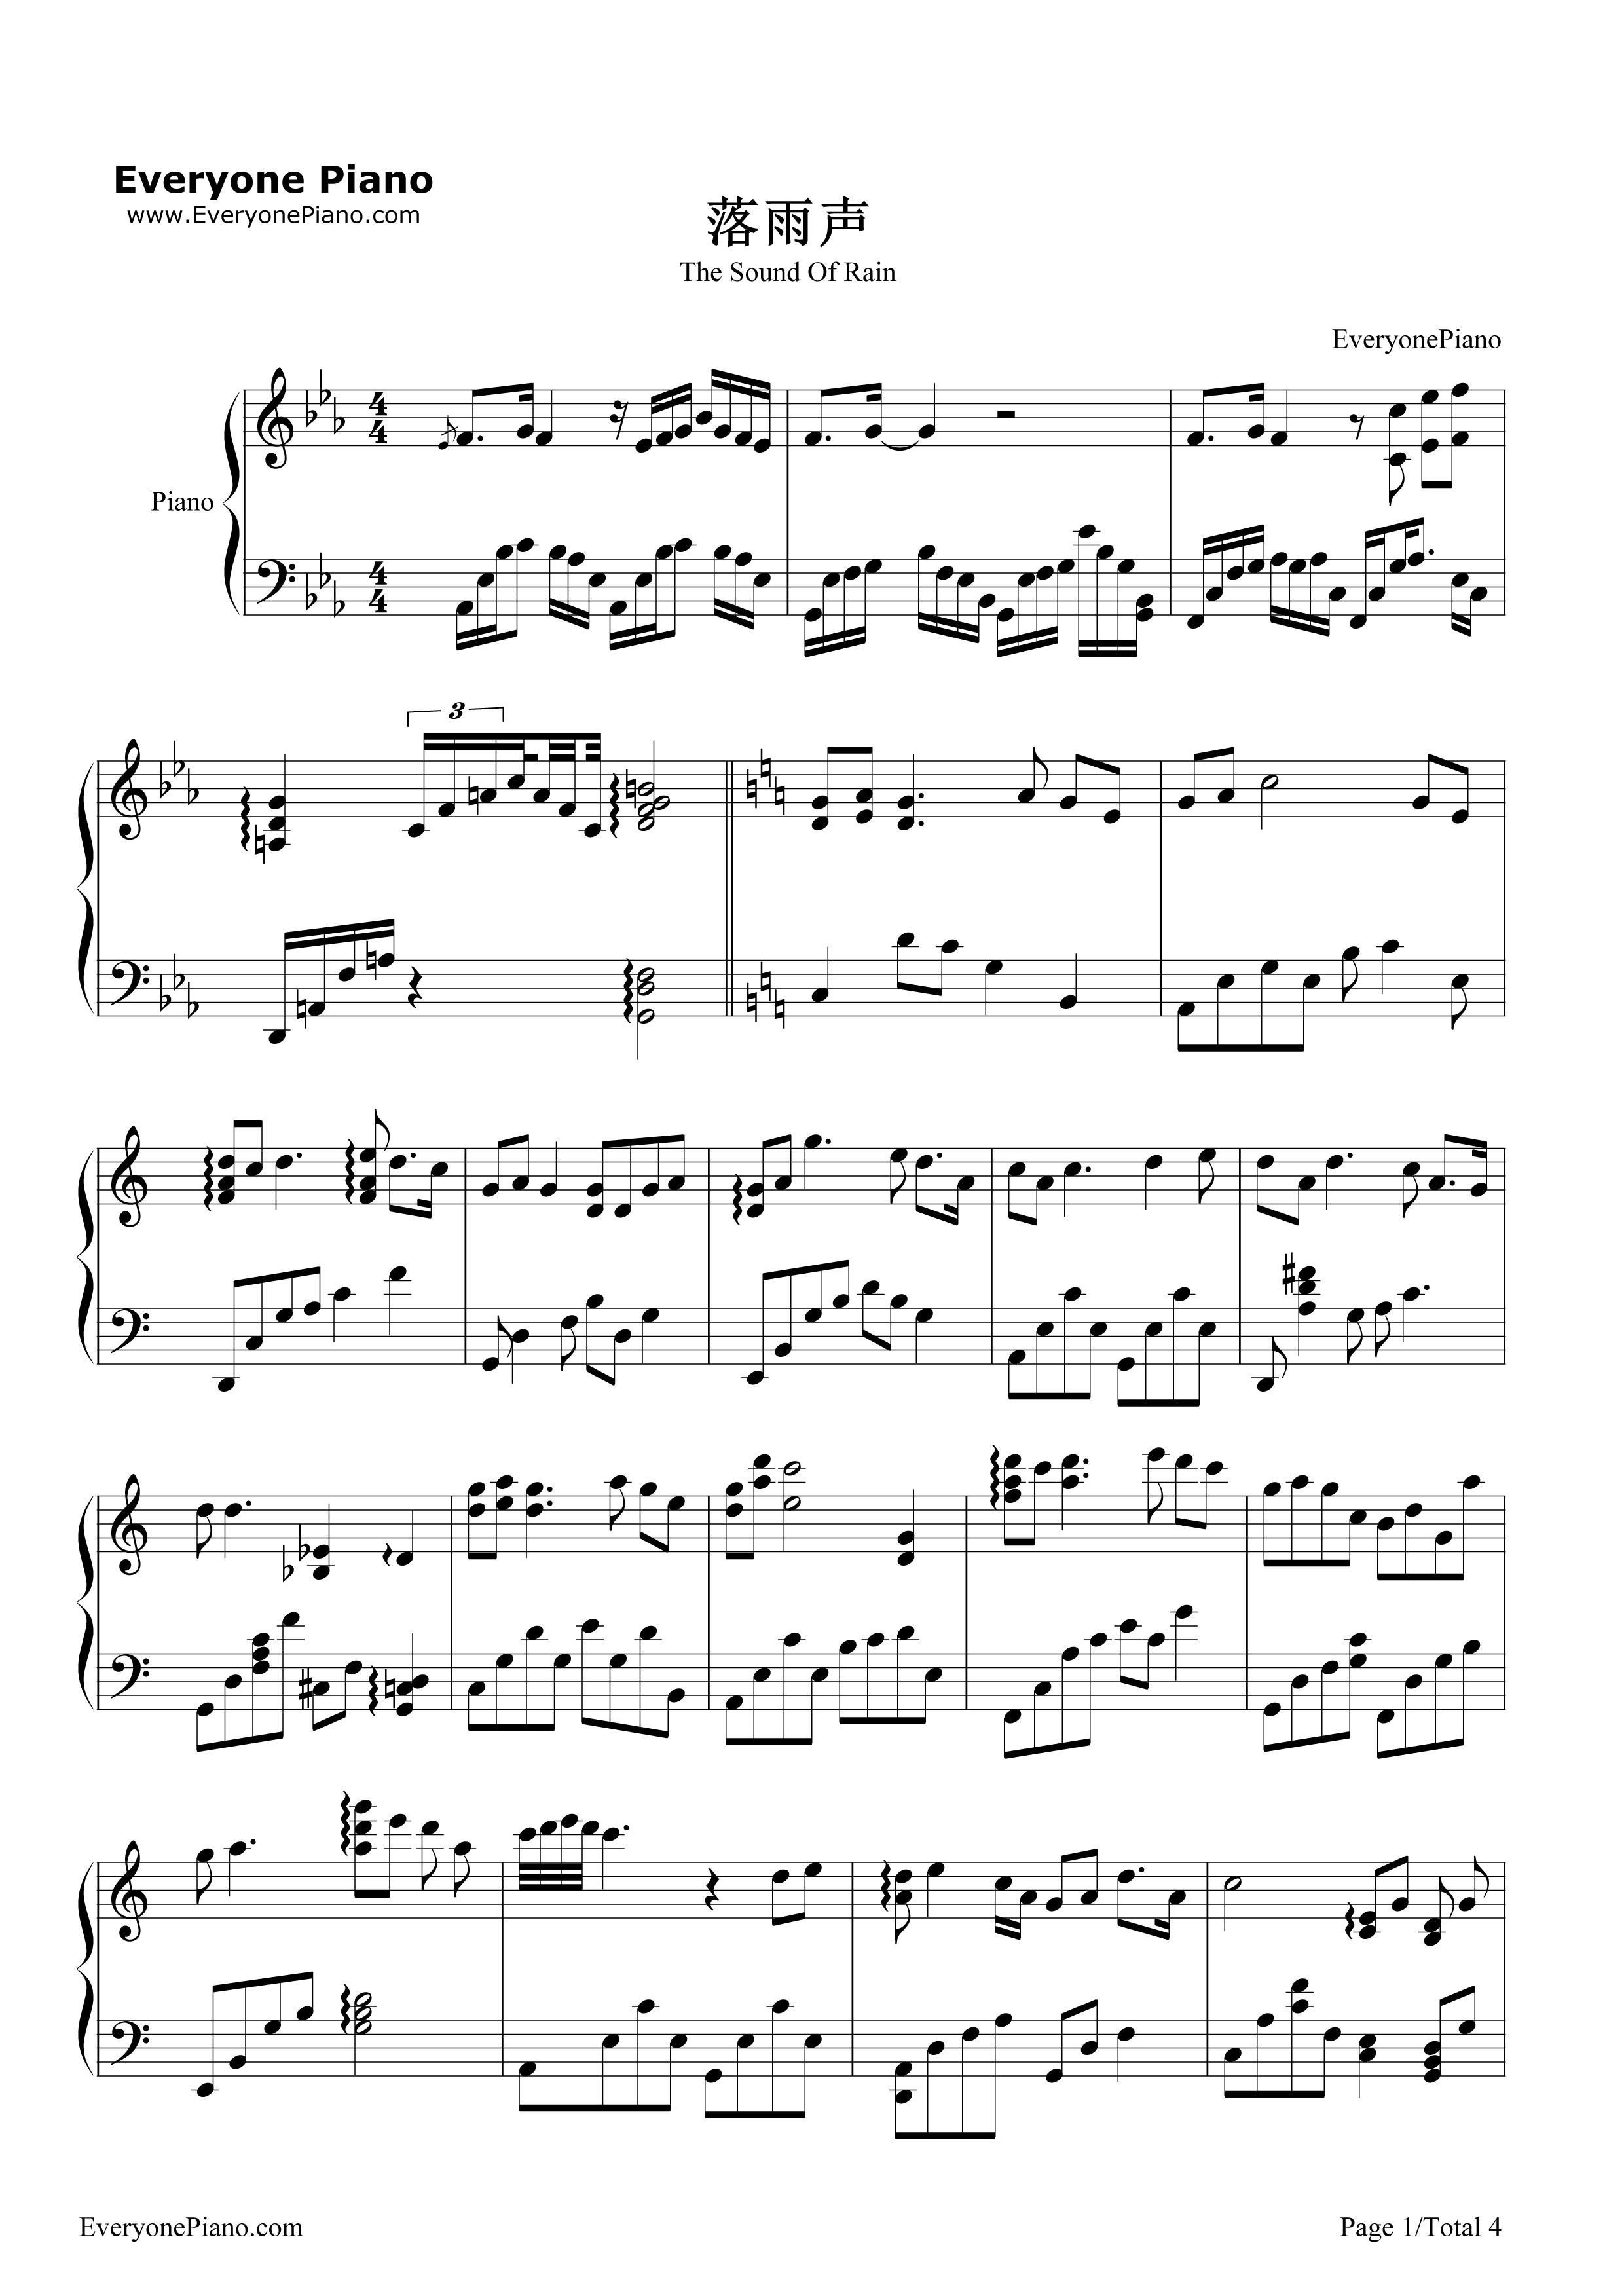 钢琴曲谱 流行 落雨声-周杰伦 落雨声-周杰伦五线谱预览1  }  仅供